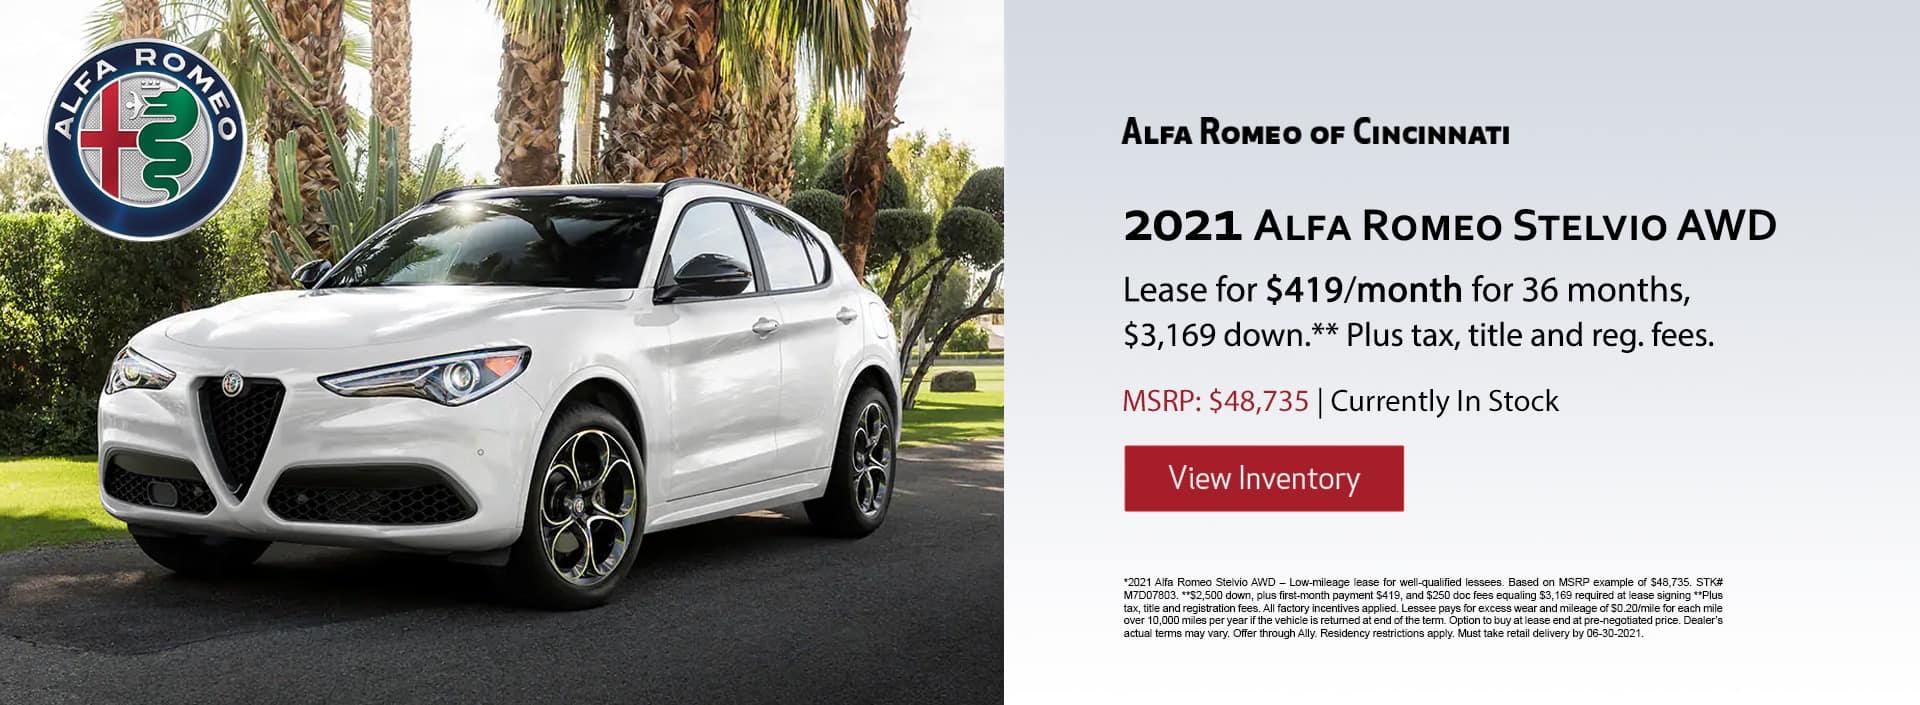 Alfa-Romeo-Lease-Slides-June21_v2_Stelvio-Recovered